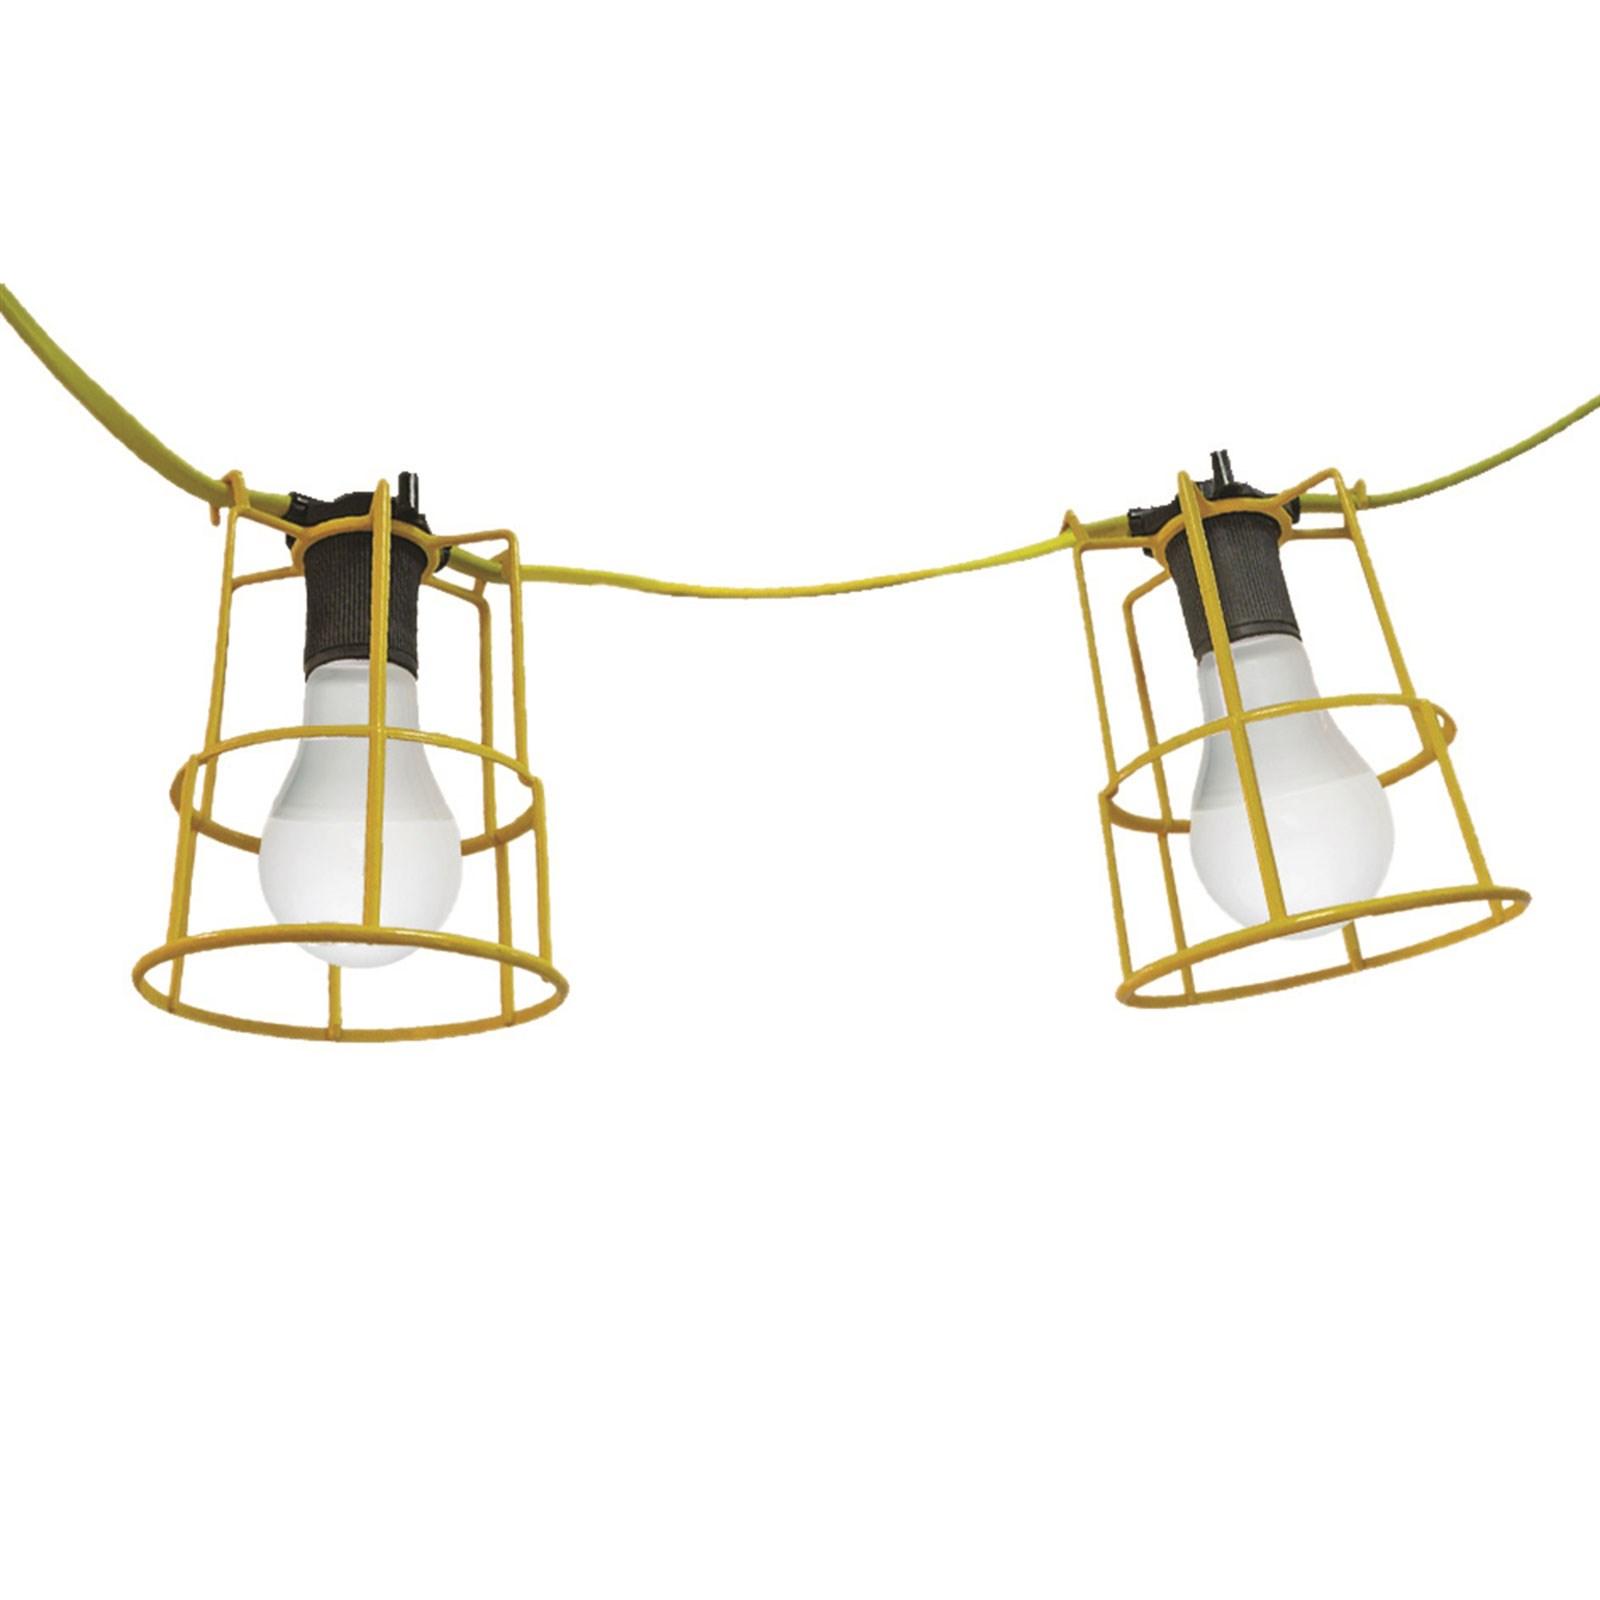 Faithfull LED Festoon Lighting Kit 110v.